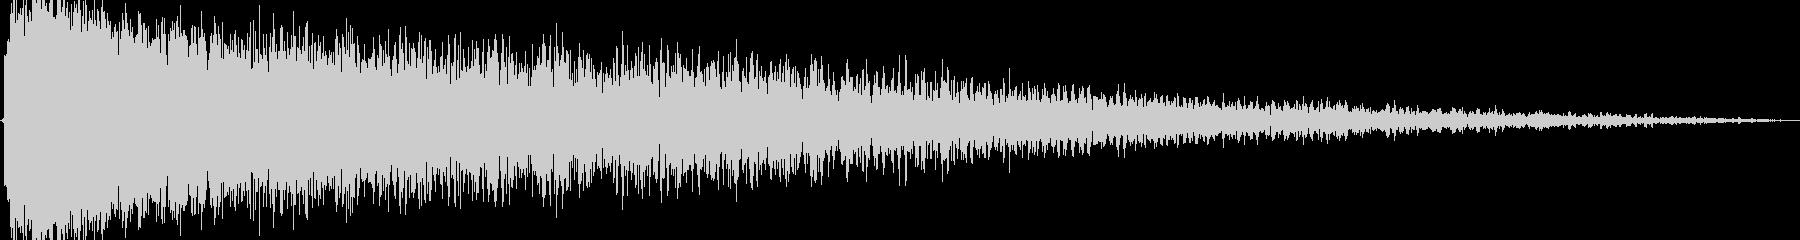 ショックを受ける(ピアノの音色を加工)の未再生の波形